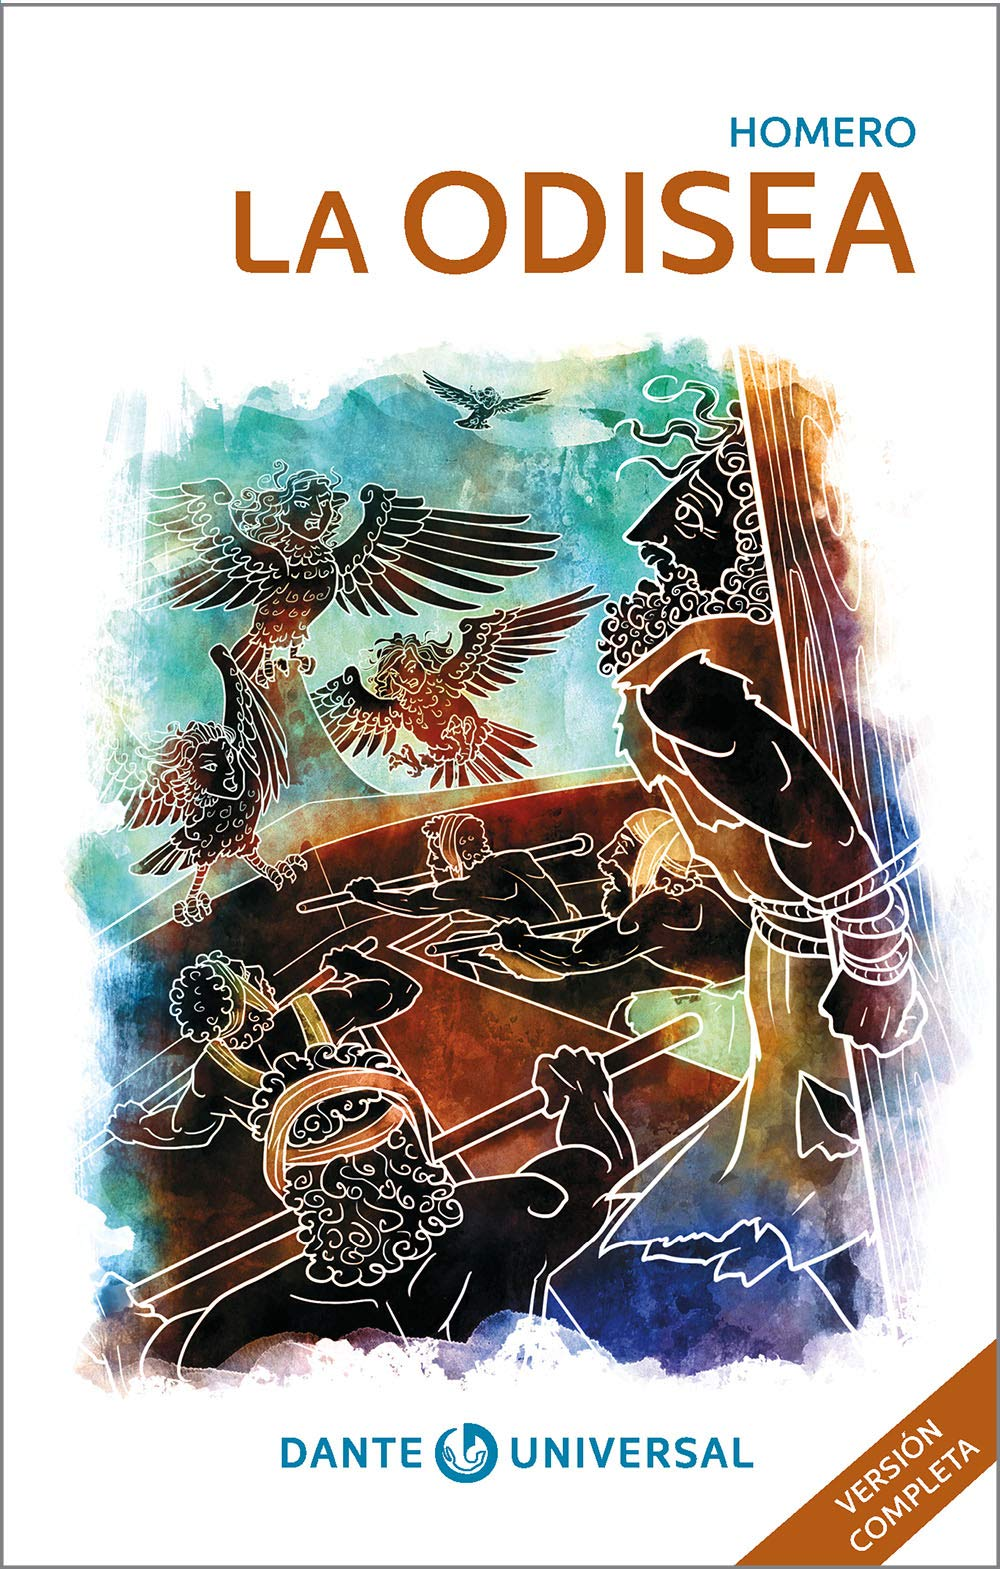 La Odisea. Libro ilustrado de la serie Dante universal.: Homero:  Amazon.com.mx: Libros